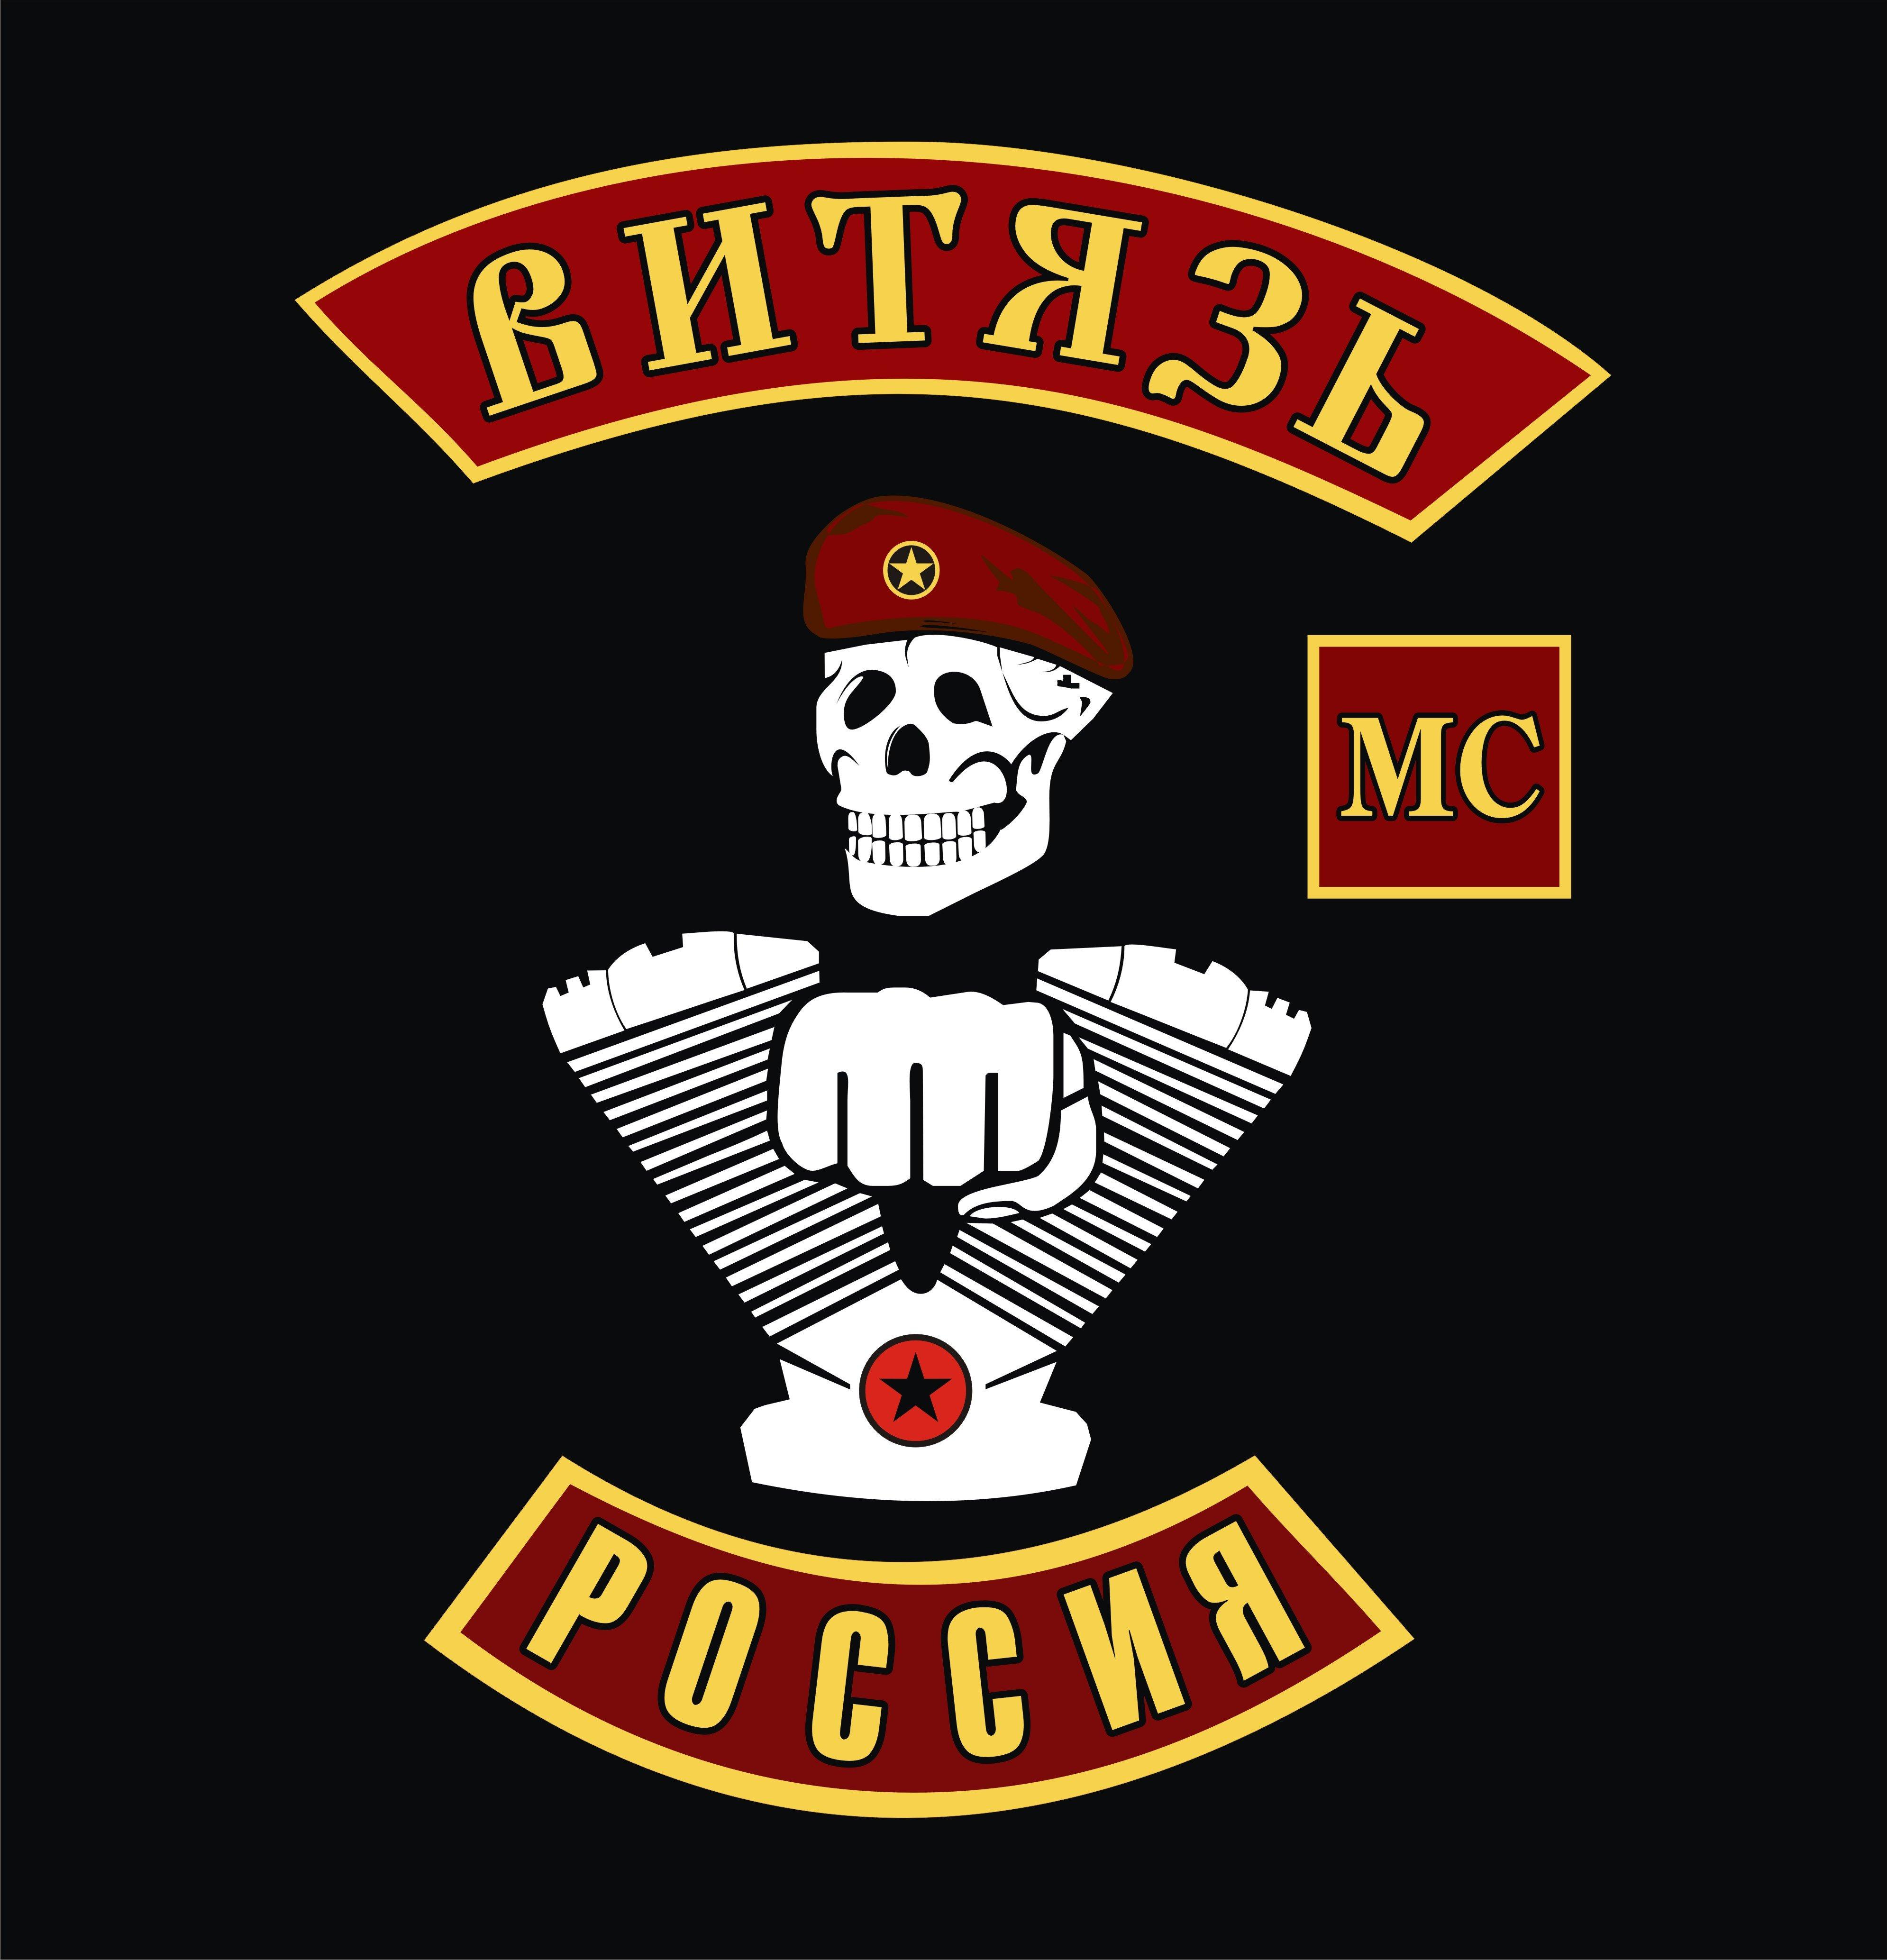 Витязь MC, Калининградское отделение